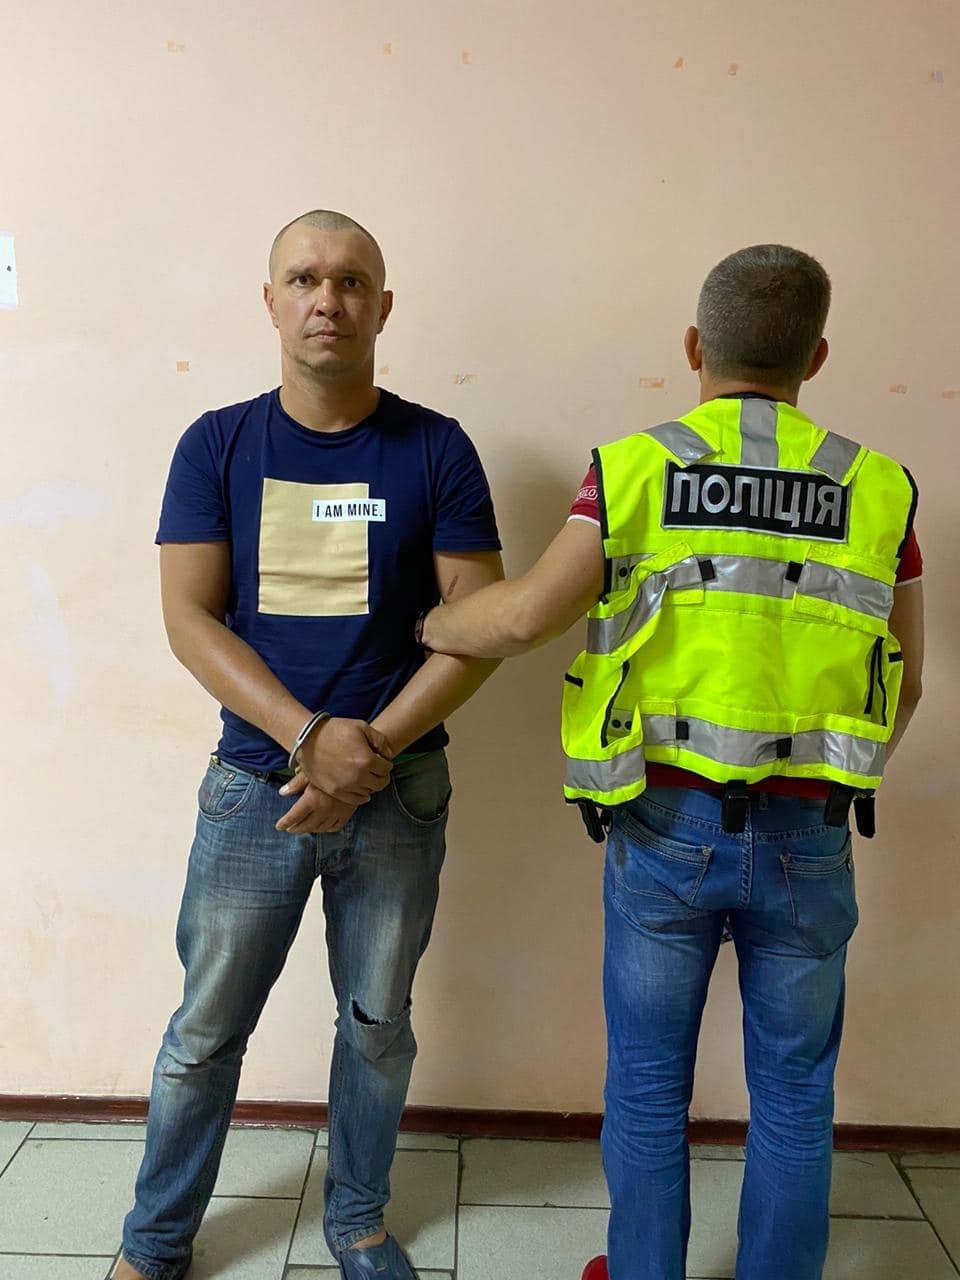 Жестоко избил девушку в поезде: мужчину арестовали, ему грозит до 7 лет тюрьмы, фото-1, Фото Антона Геращенко в Facebook